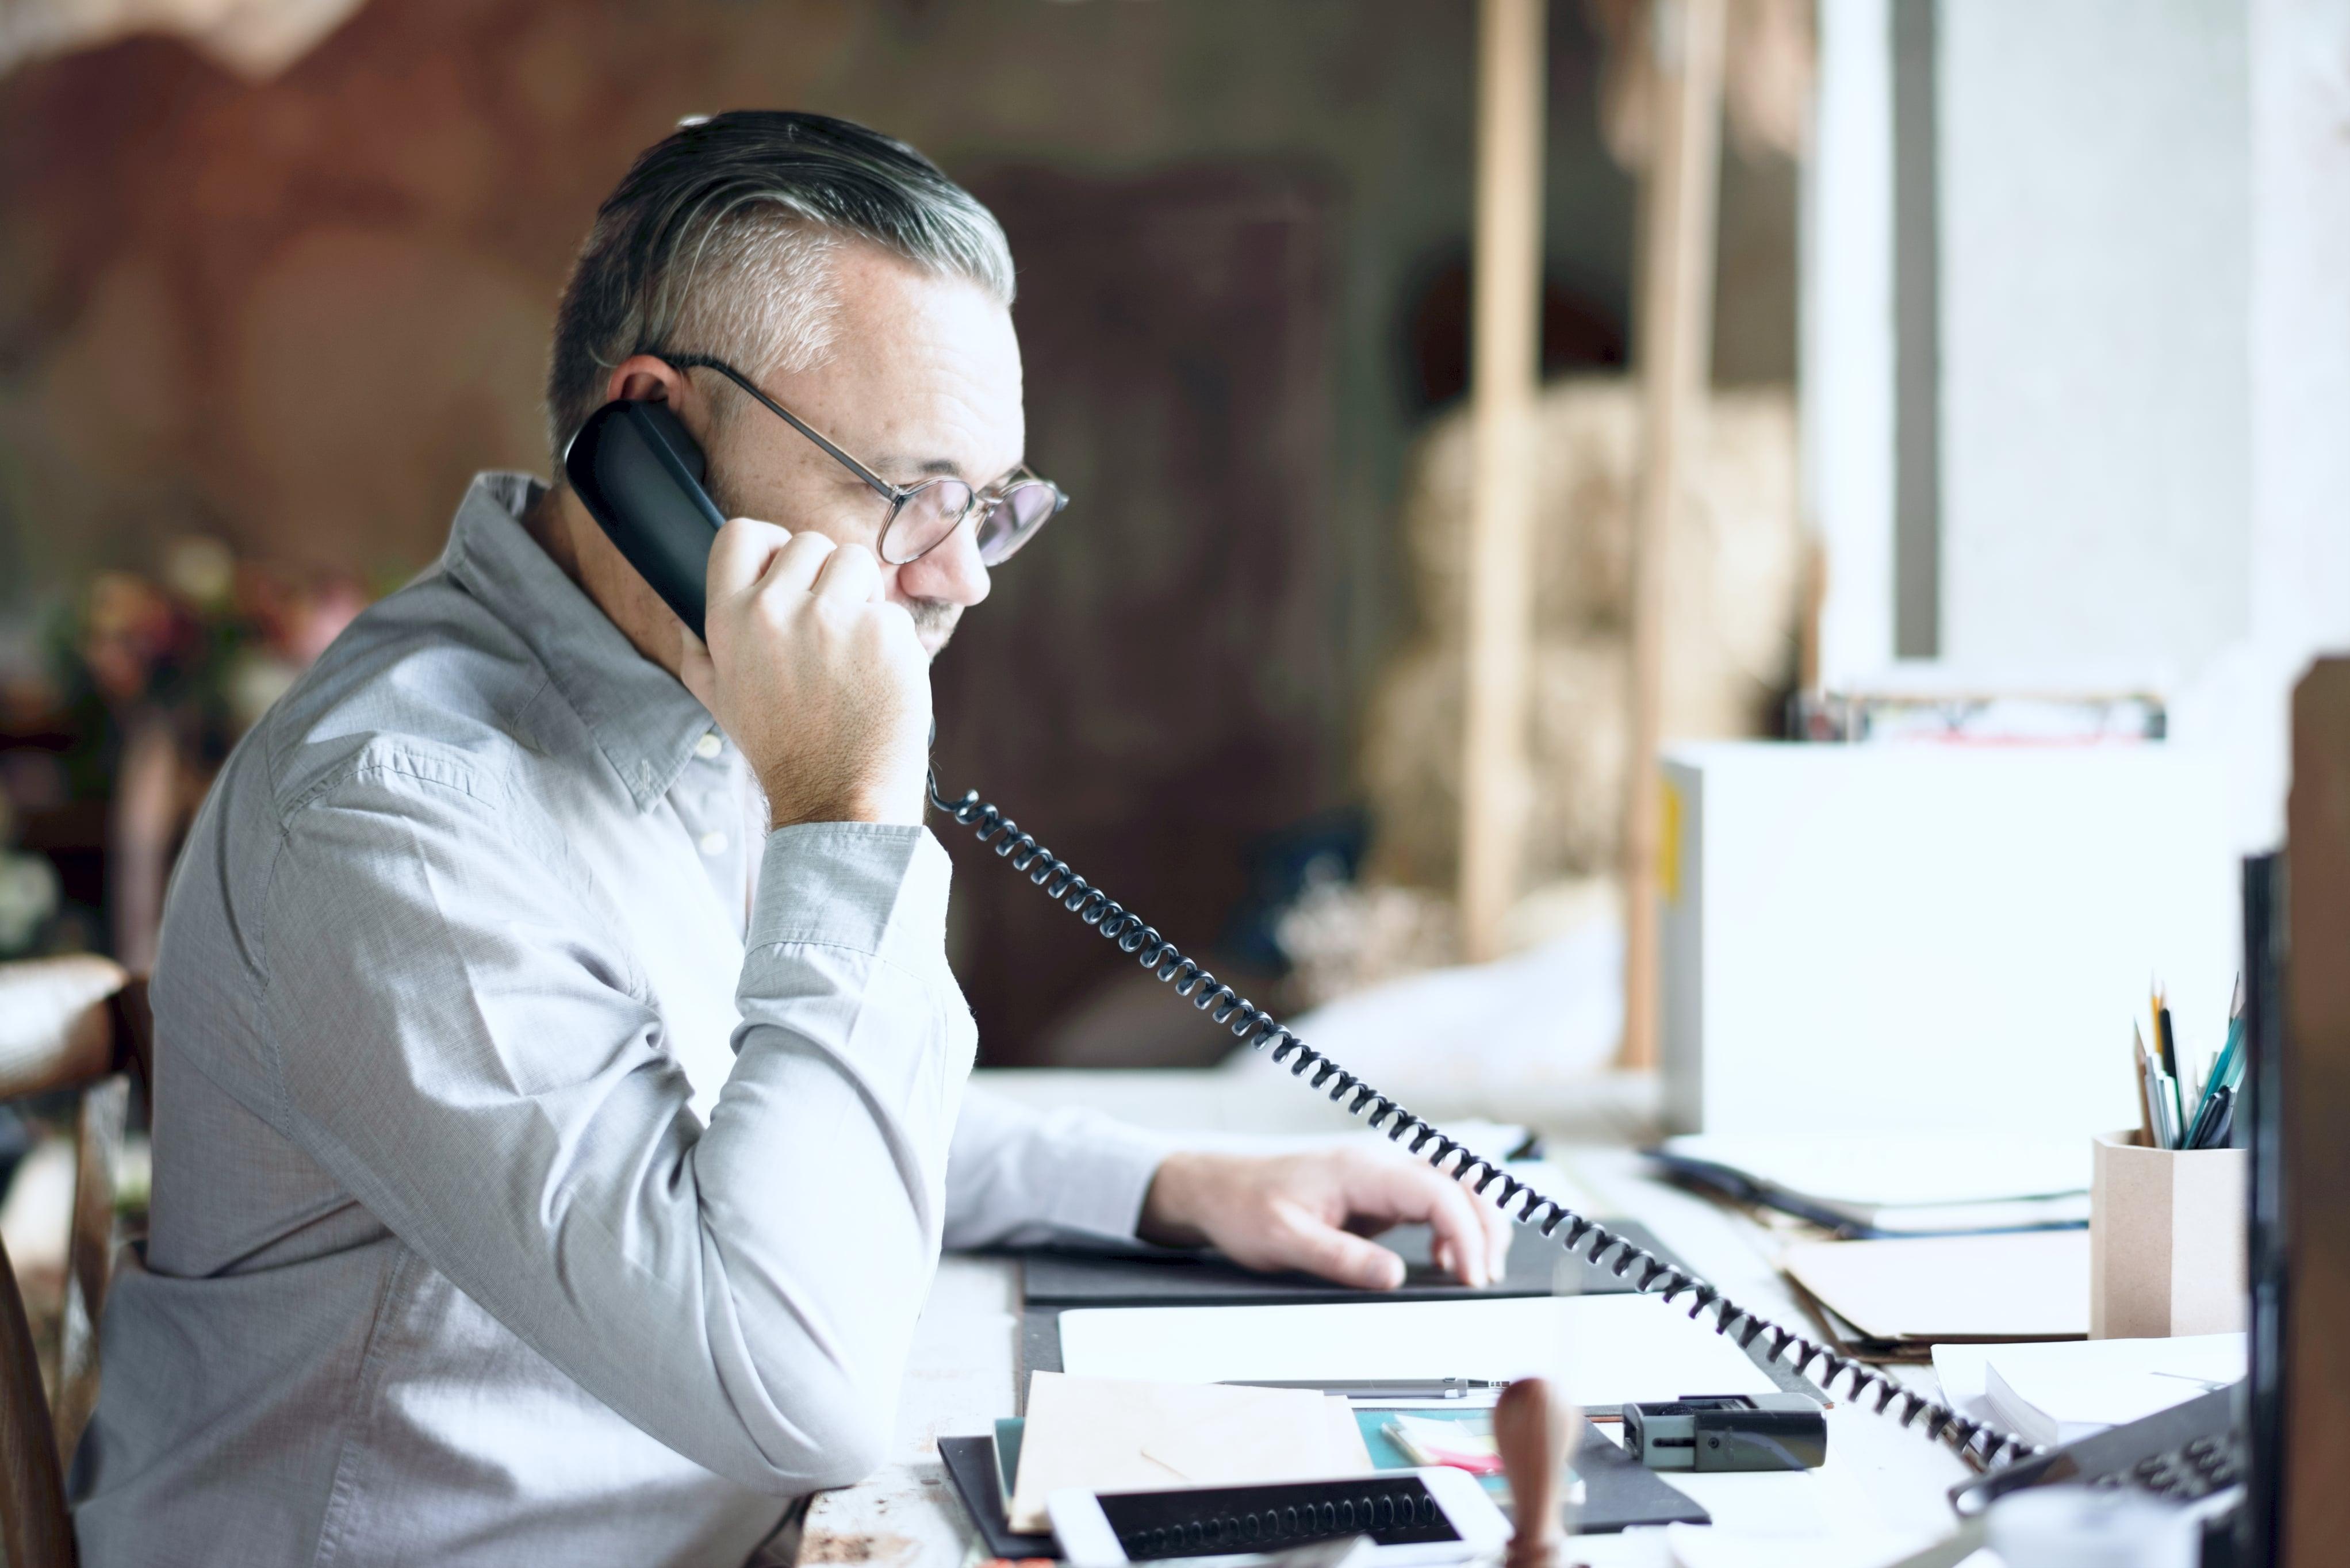 Tipps zur Buchhaltung für Klein- und Mittelunternehmen: Inhouse vs. Outsourcing